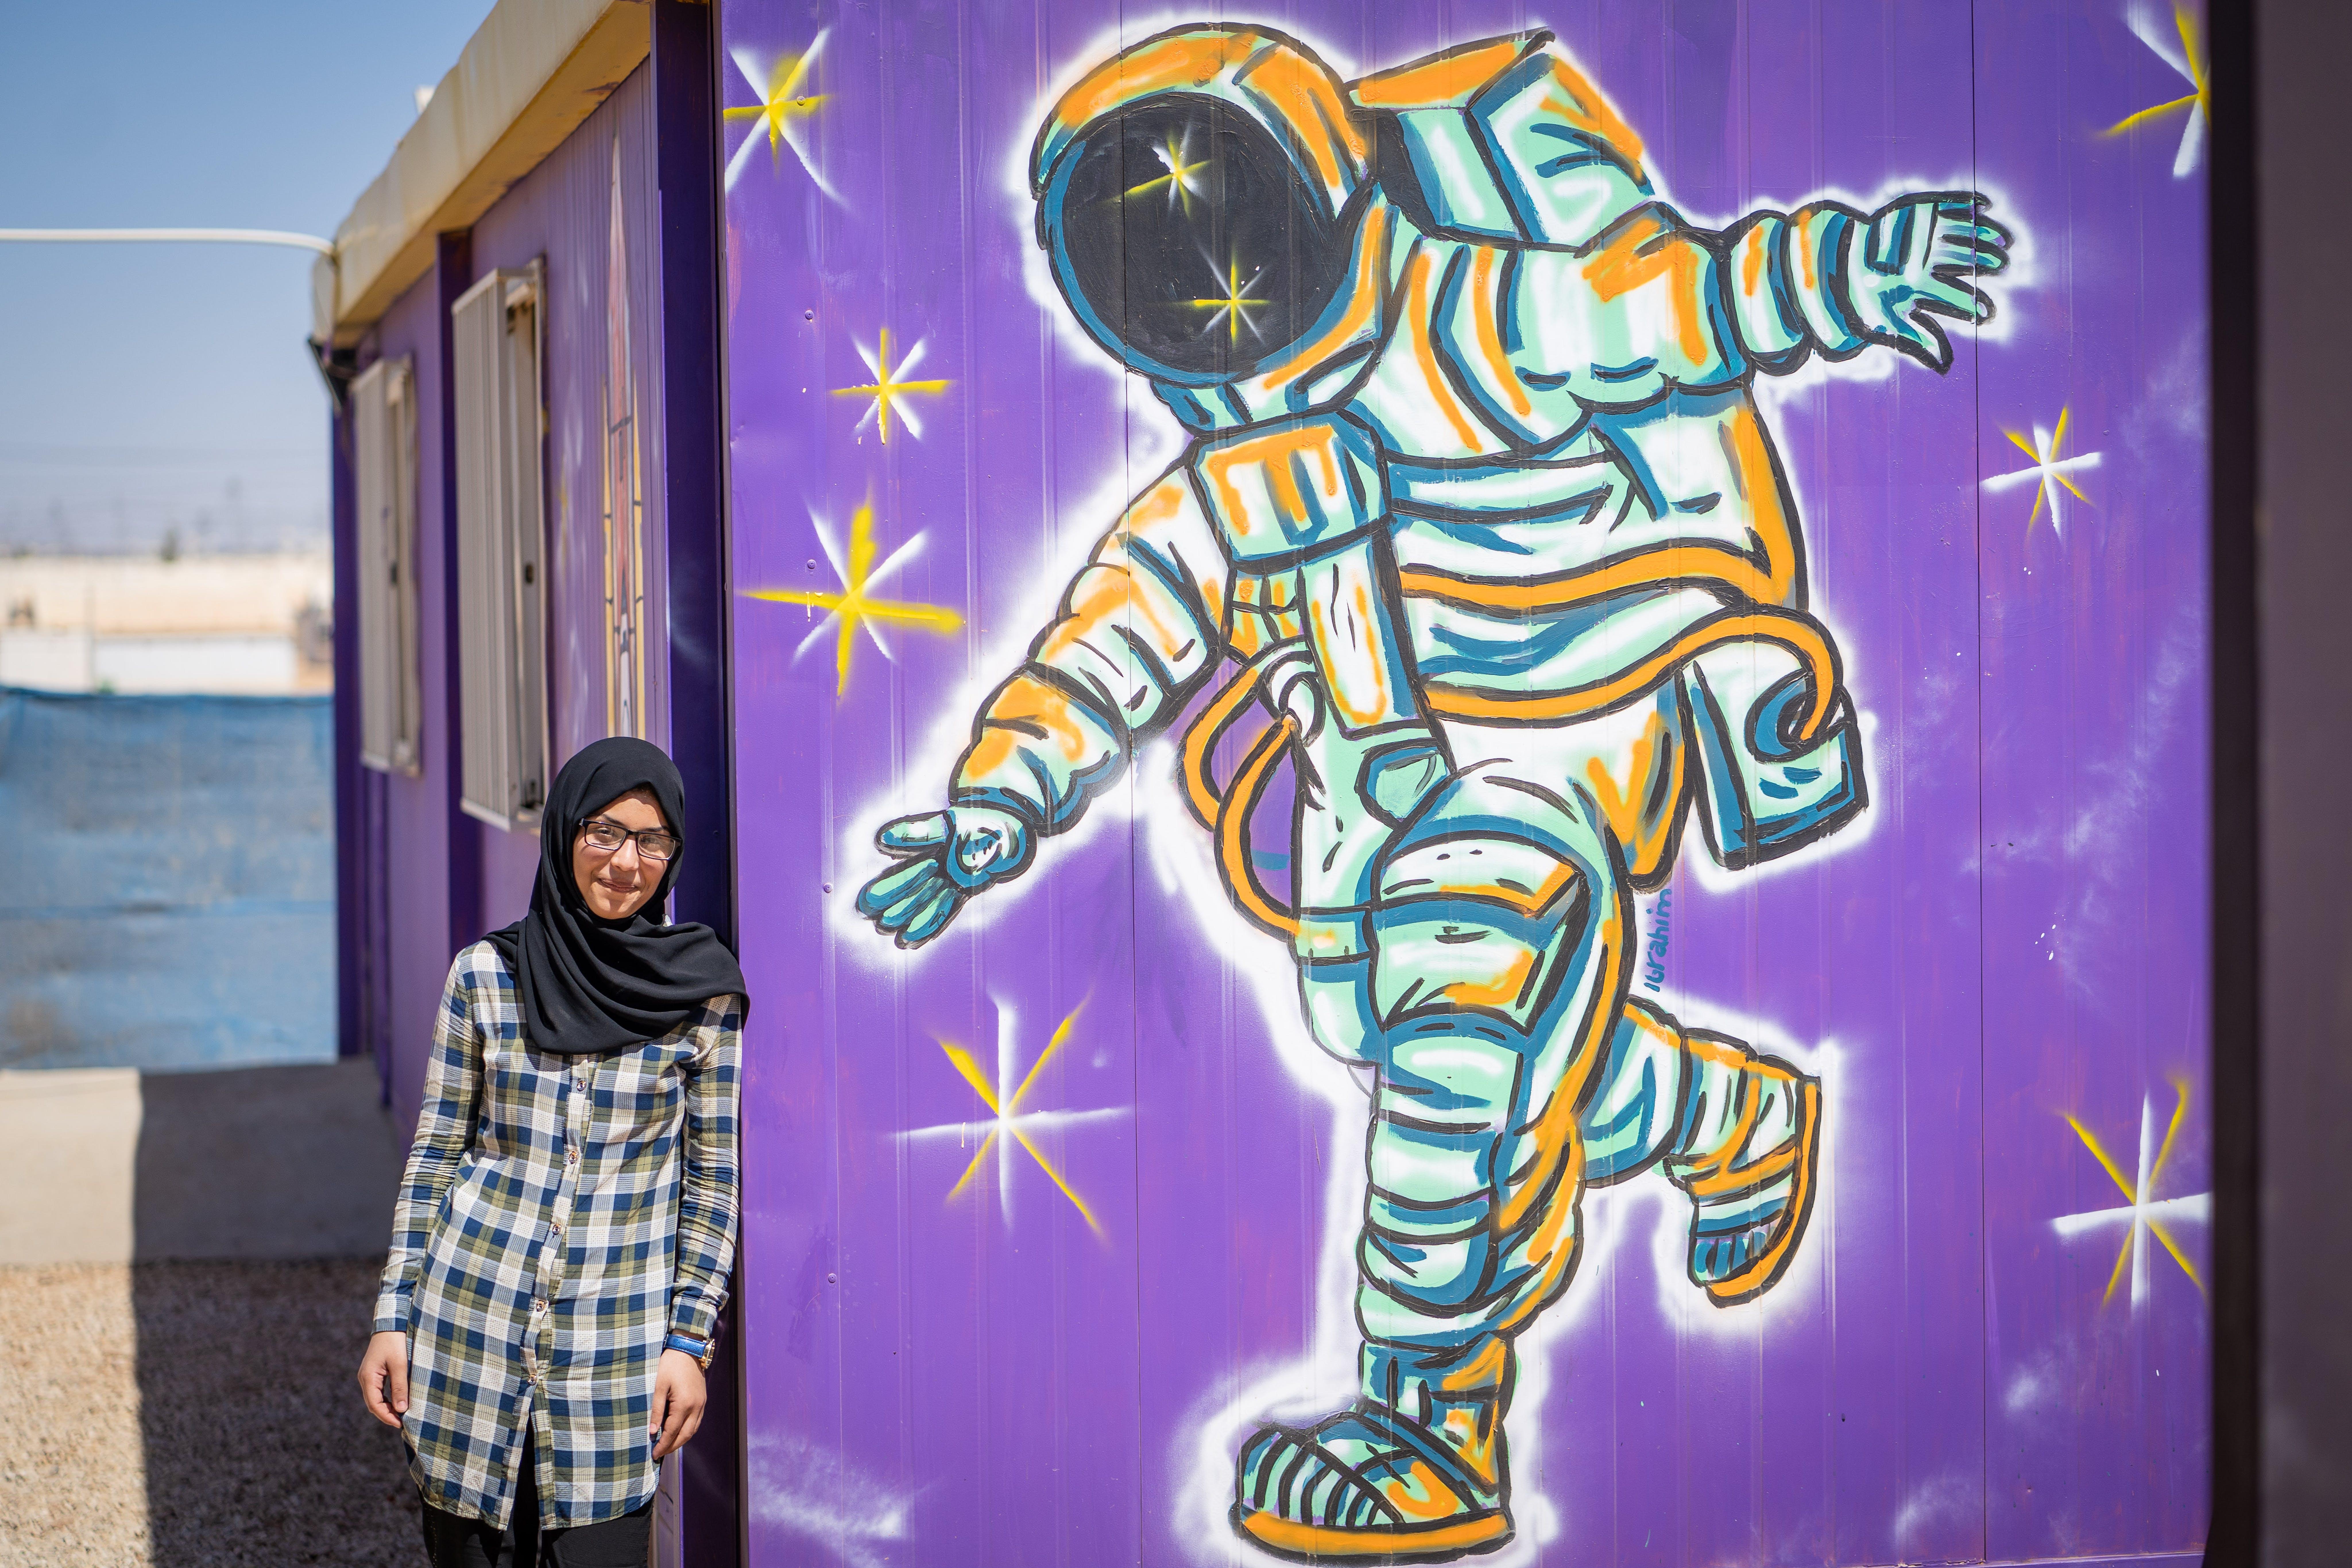 Bodoor, rifugiata siriana il cui sogno è diventare astronauta, accanto a un murales